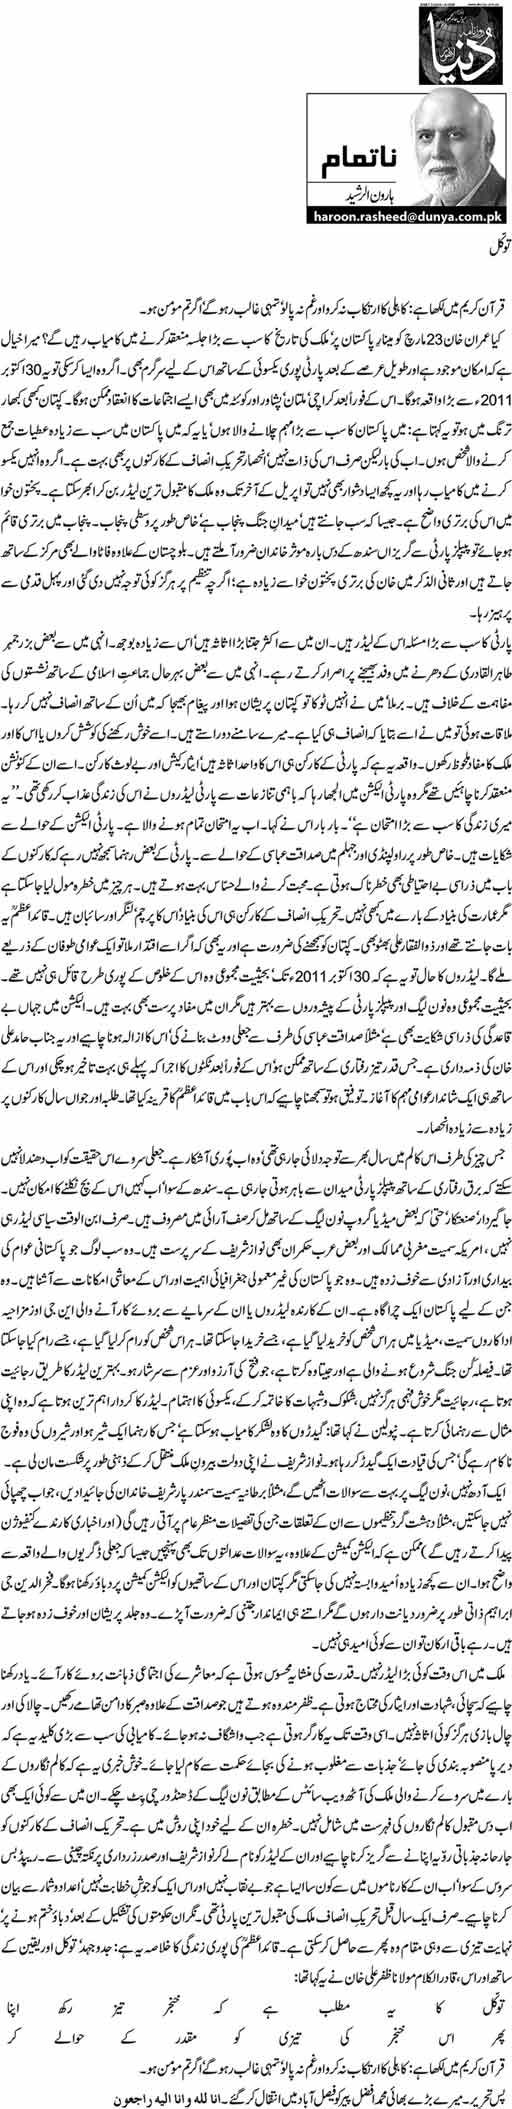 Tawakkal - Haroon-ur-Rahseed